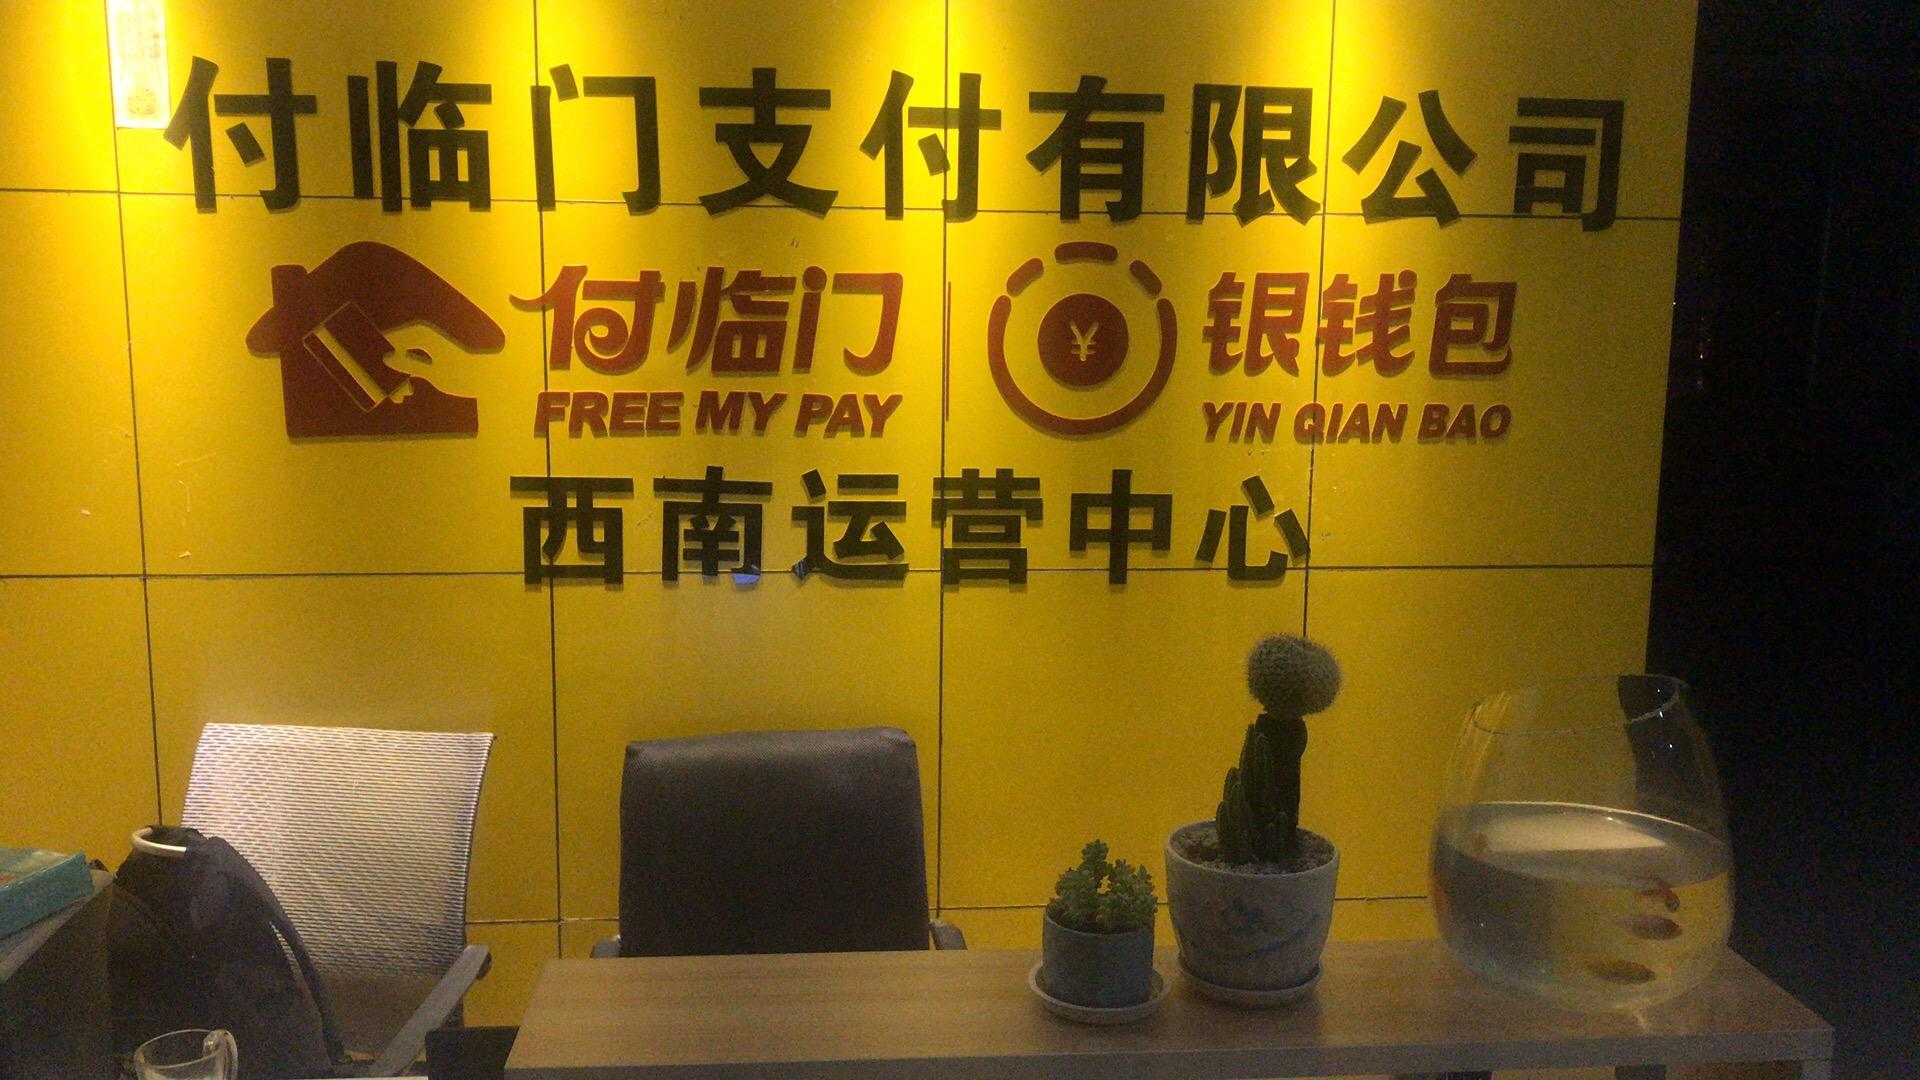 上海朗越信息科技有限公司